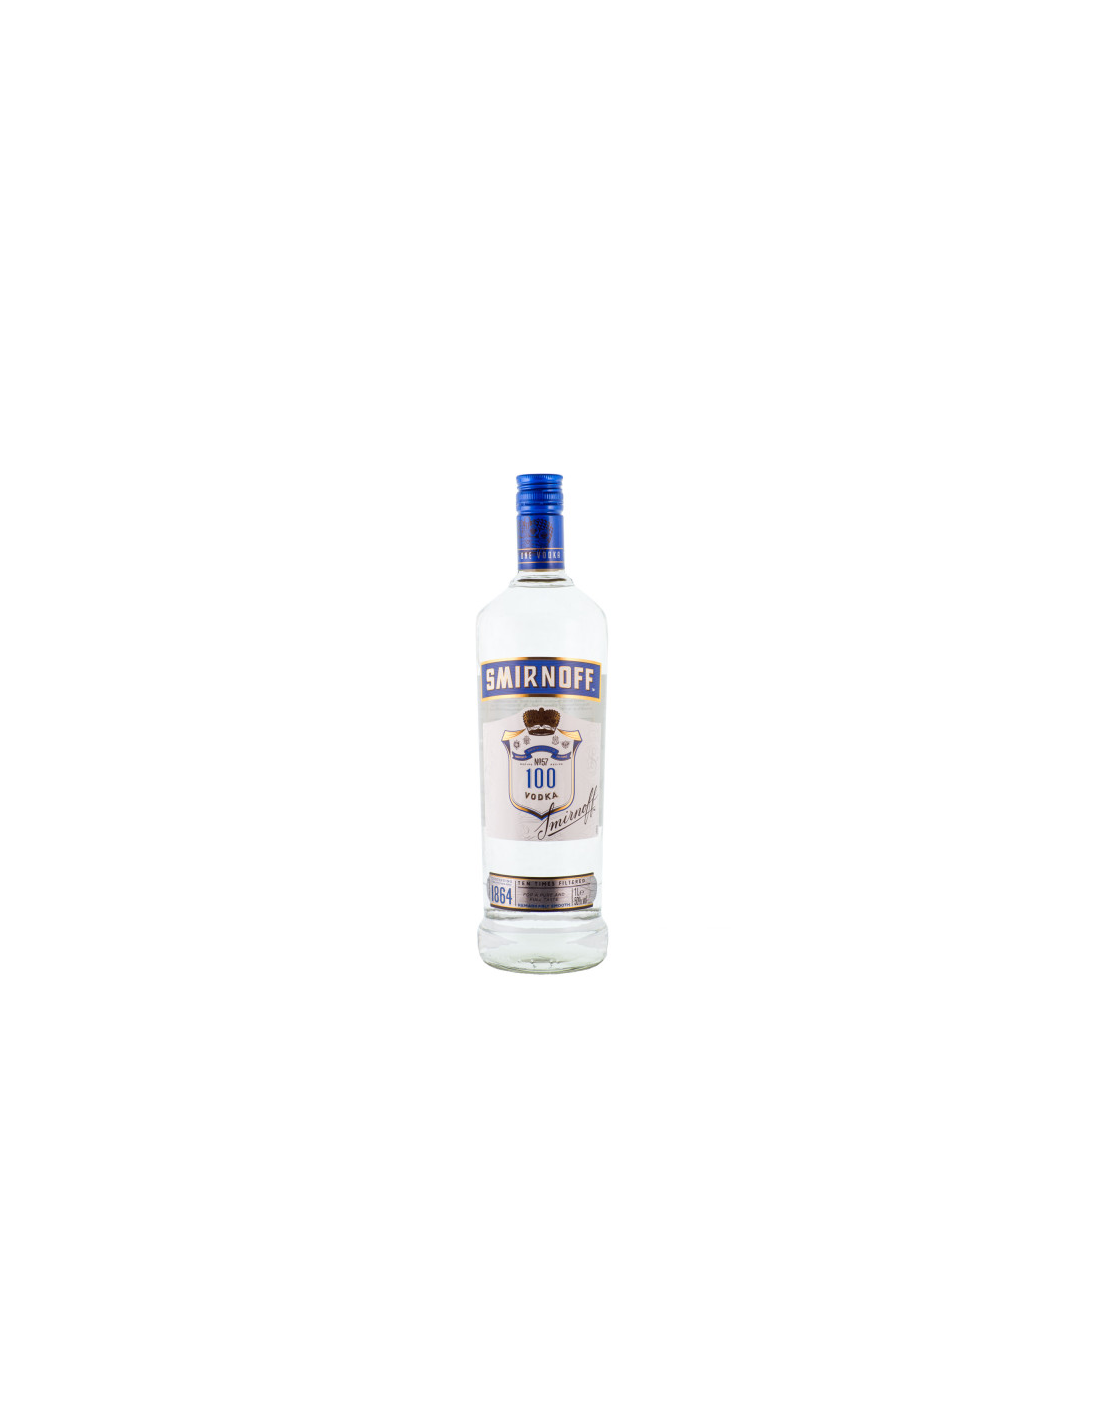 Vodca Smirnoff BLue 100 Proof 1L, 40% alc., Rusia